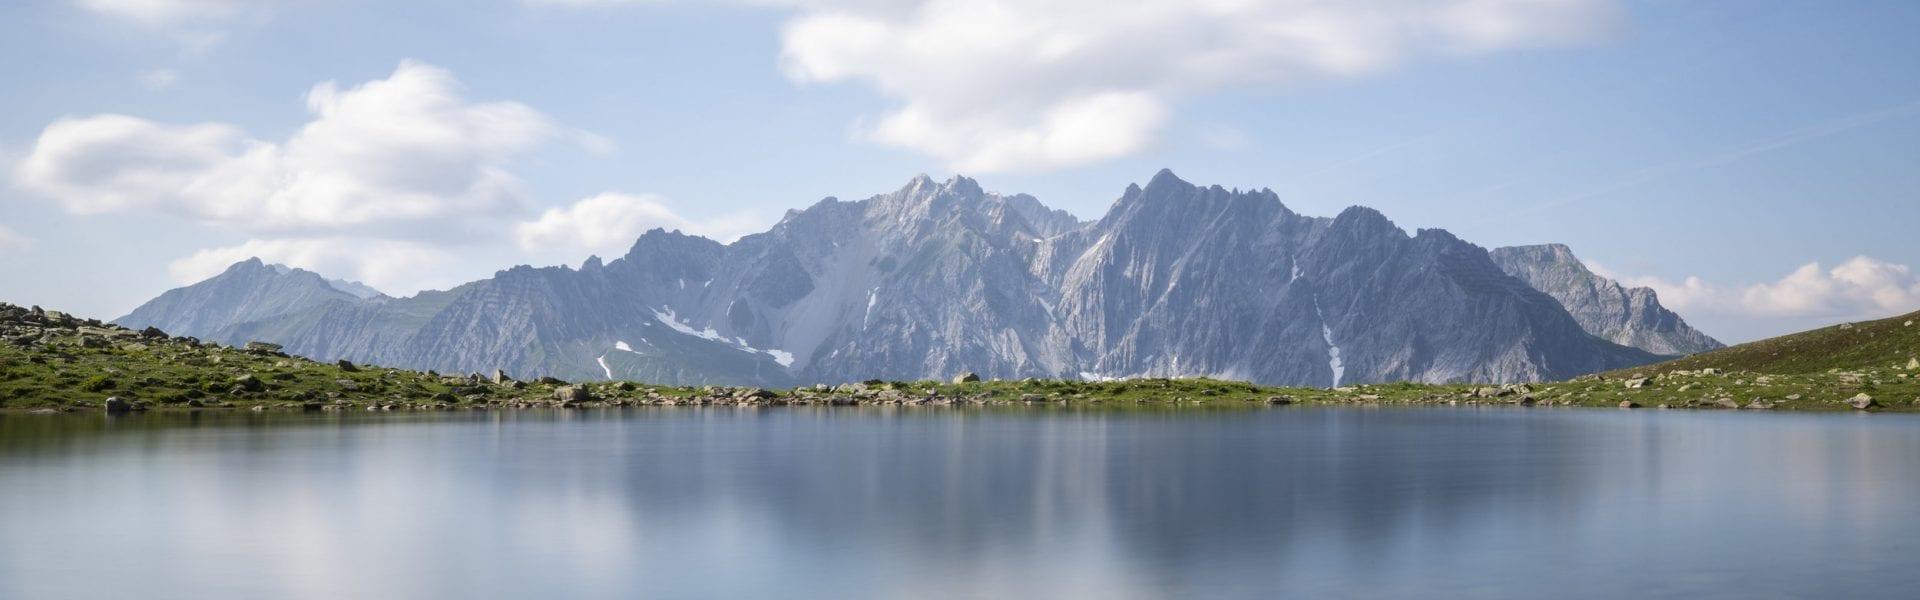 See-bei-Kaltenberghütte-c-Lucas-Tiefenthaler-Vorarlberg-Tourismus